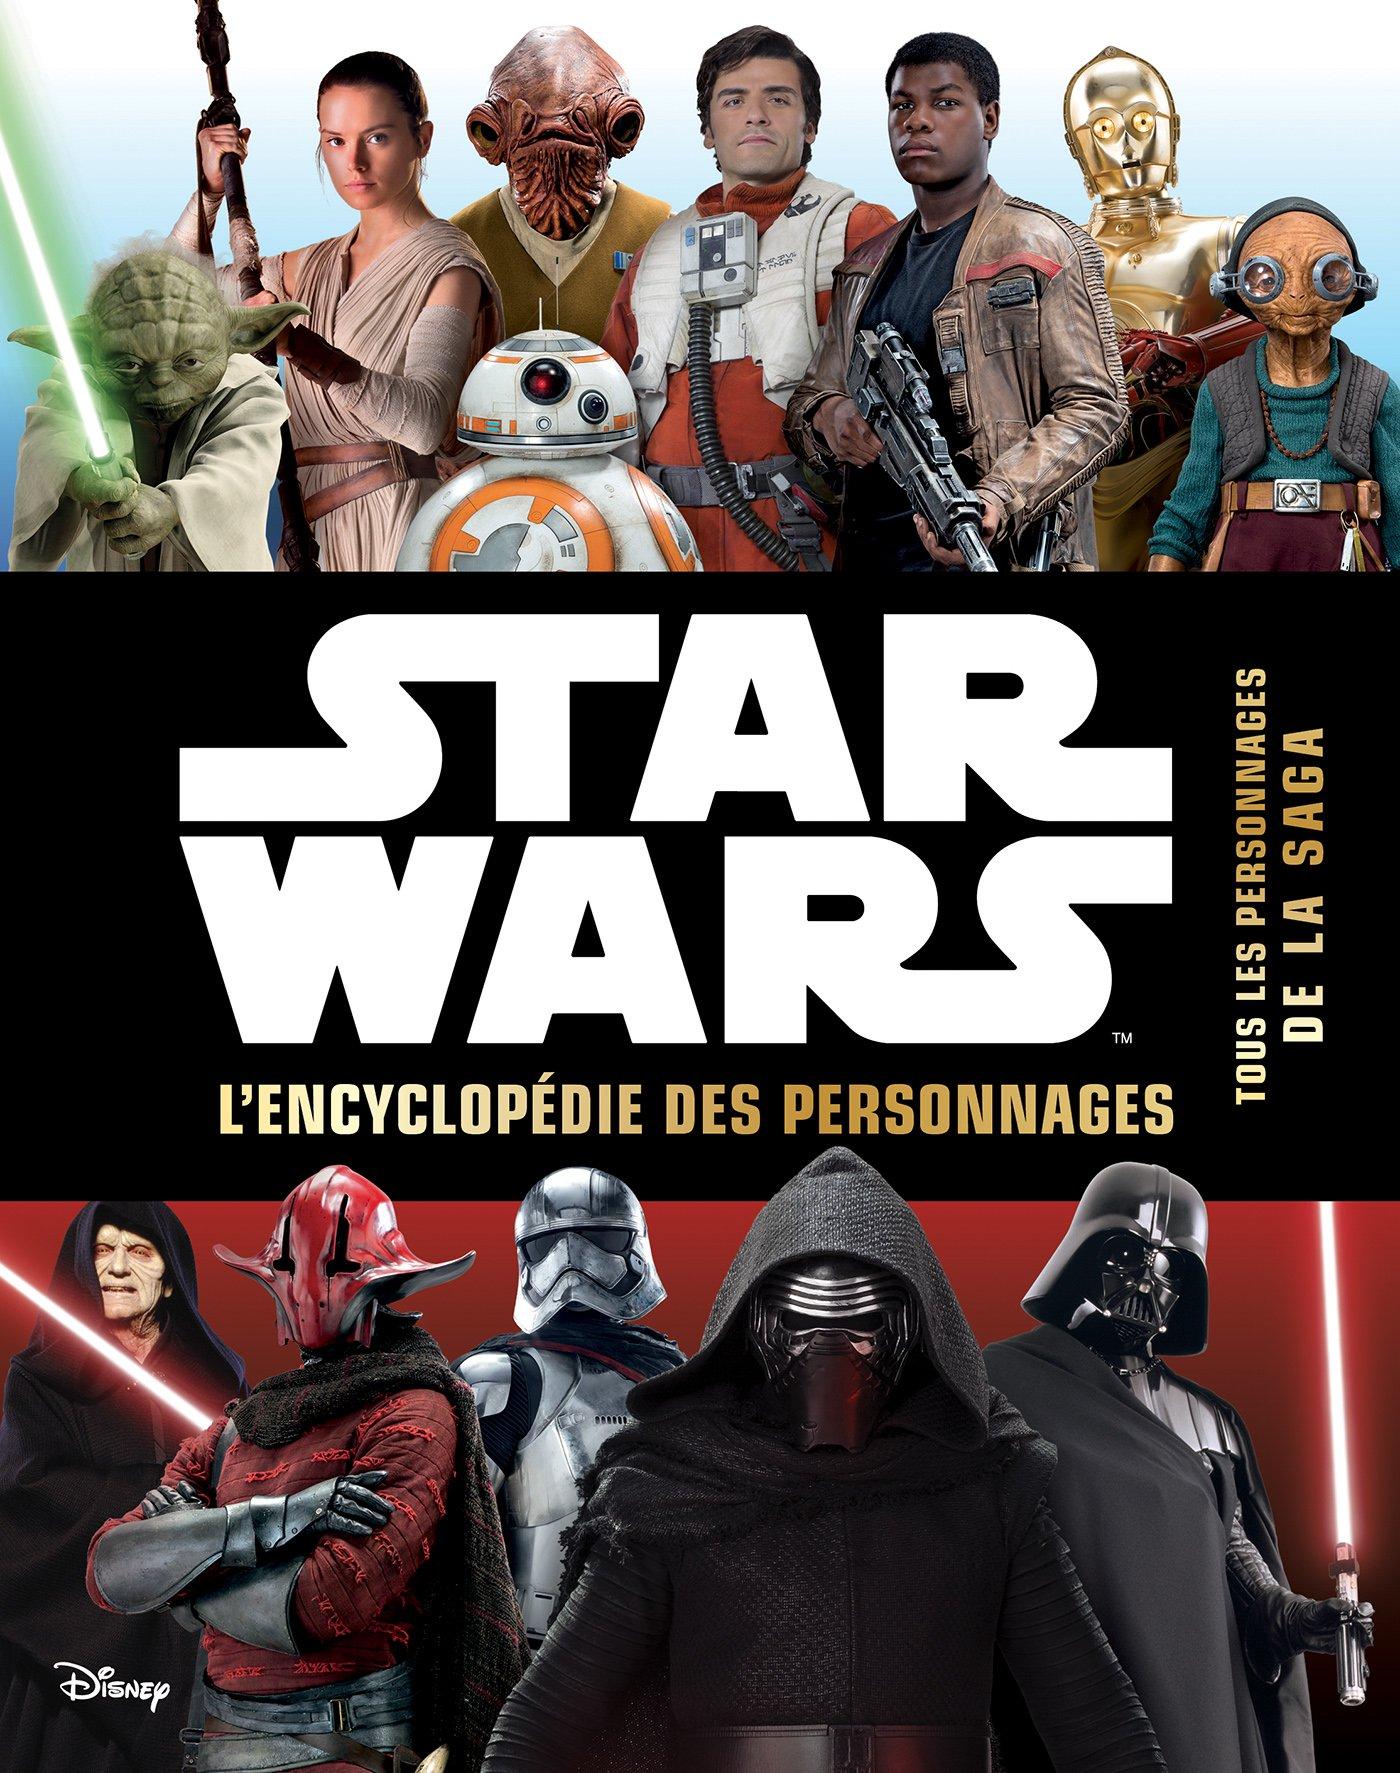 Star Wars : L'Encyclopédie des personnages